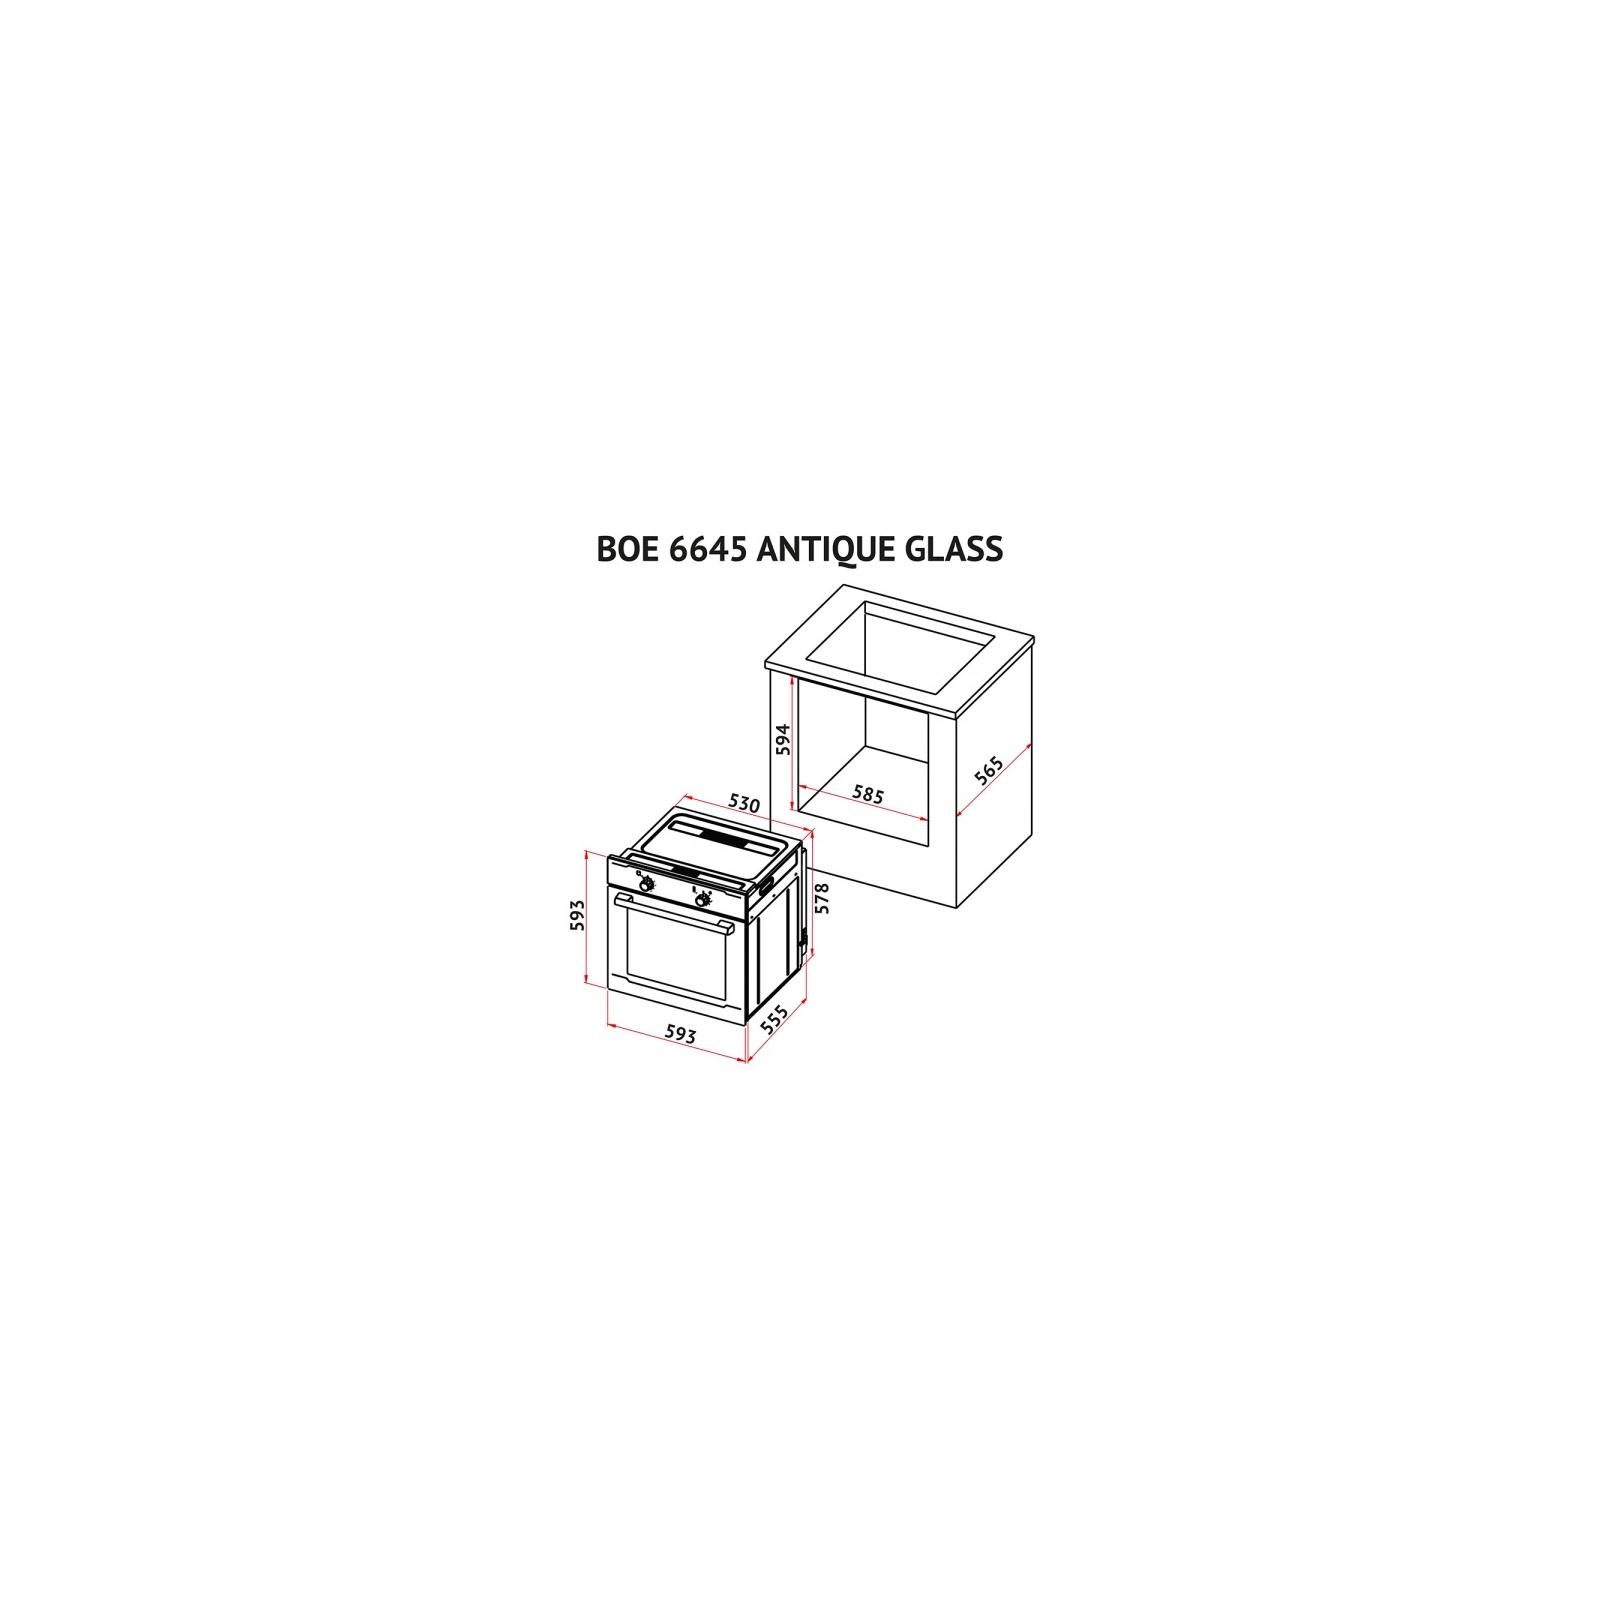 Духовой шкаф PERFELLI BOE 6645 BL ANTIQUE GLASS изображение 12